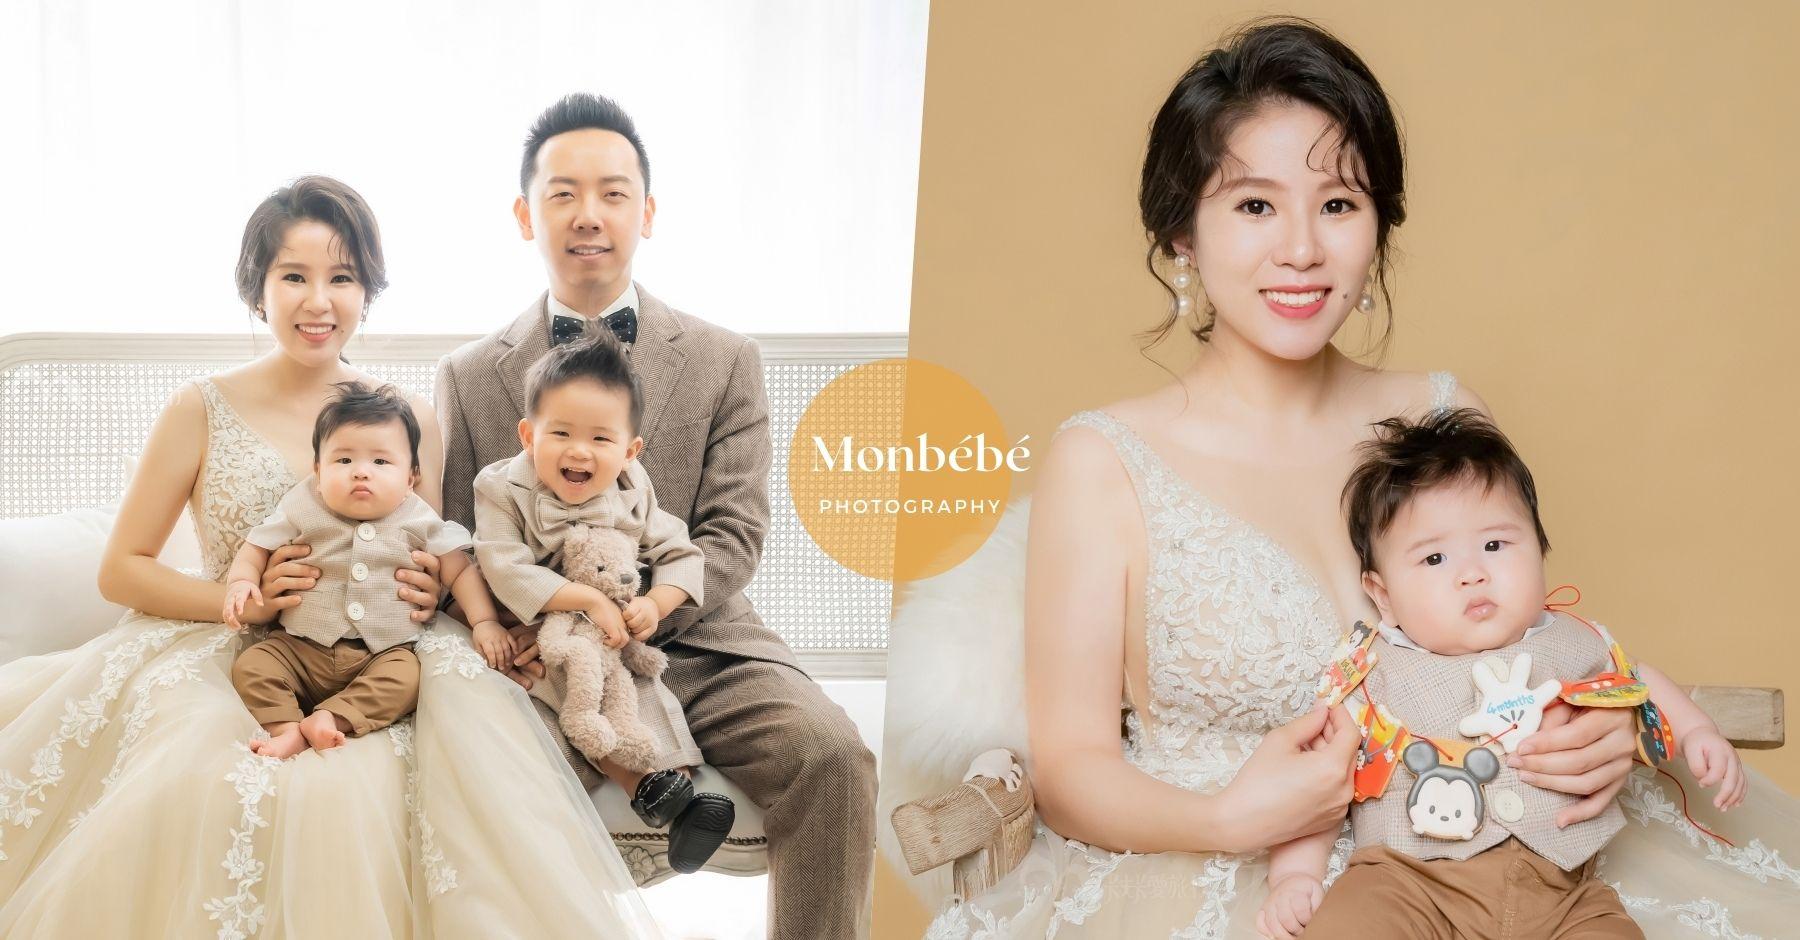 台北全家福照推薦 沐比專業攝影Monbébé 清新風格抓週寫真收涎家庭照拍攝心得分享